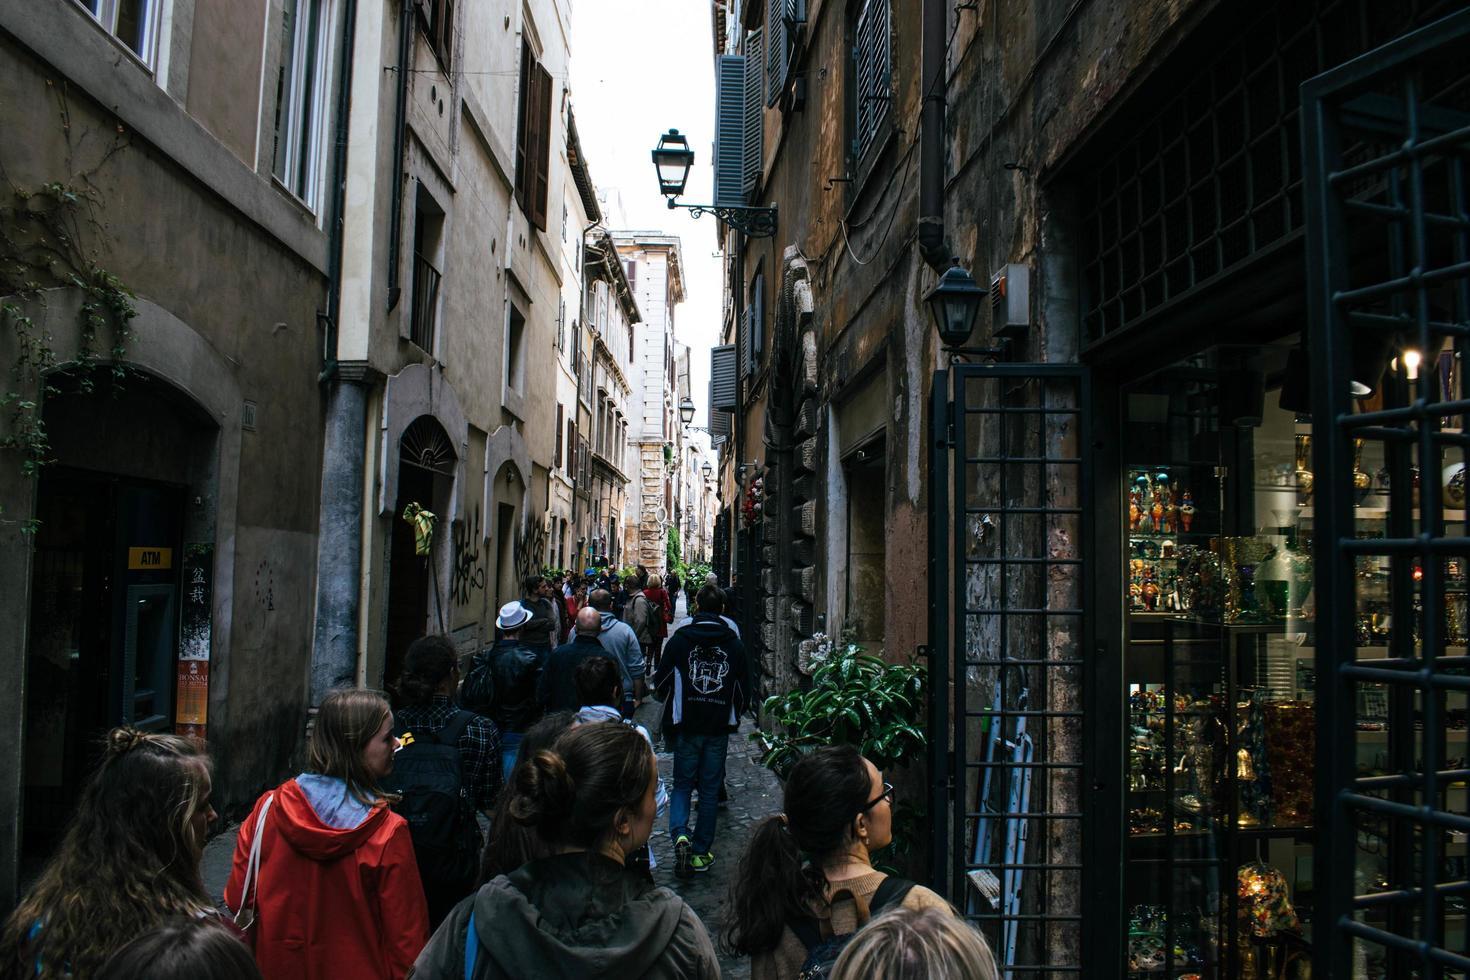 bruxelles, belgio, 2020 - persone che camminano in un vicolo foto